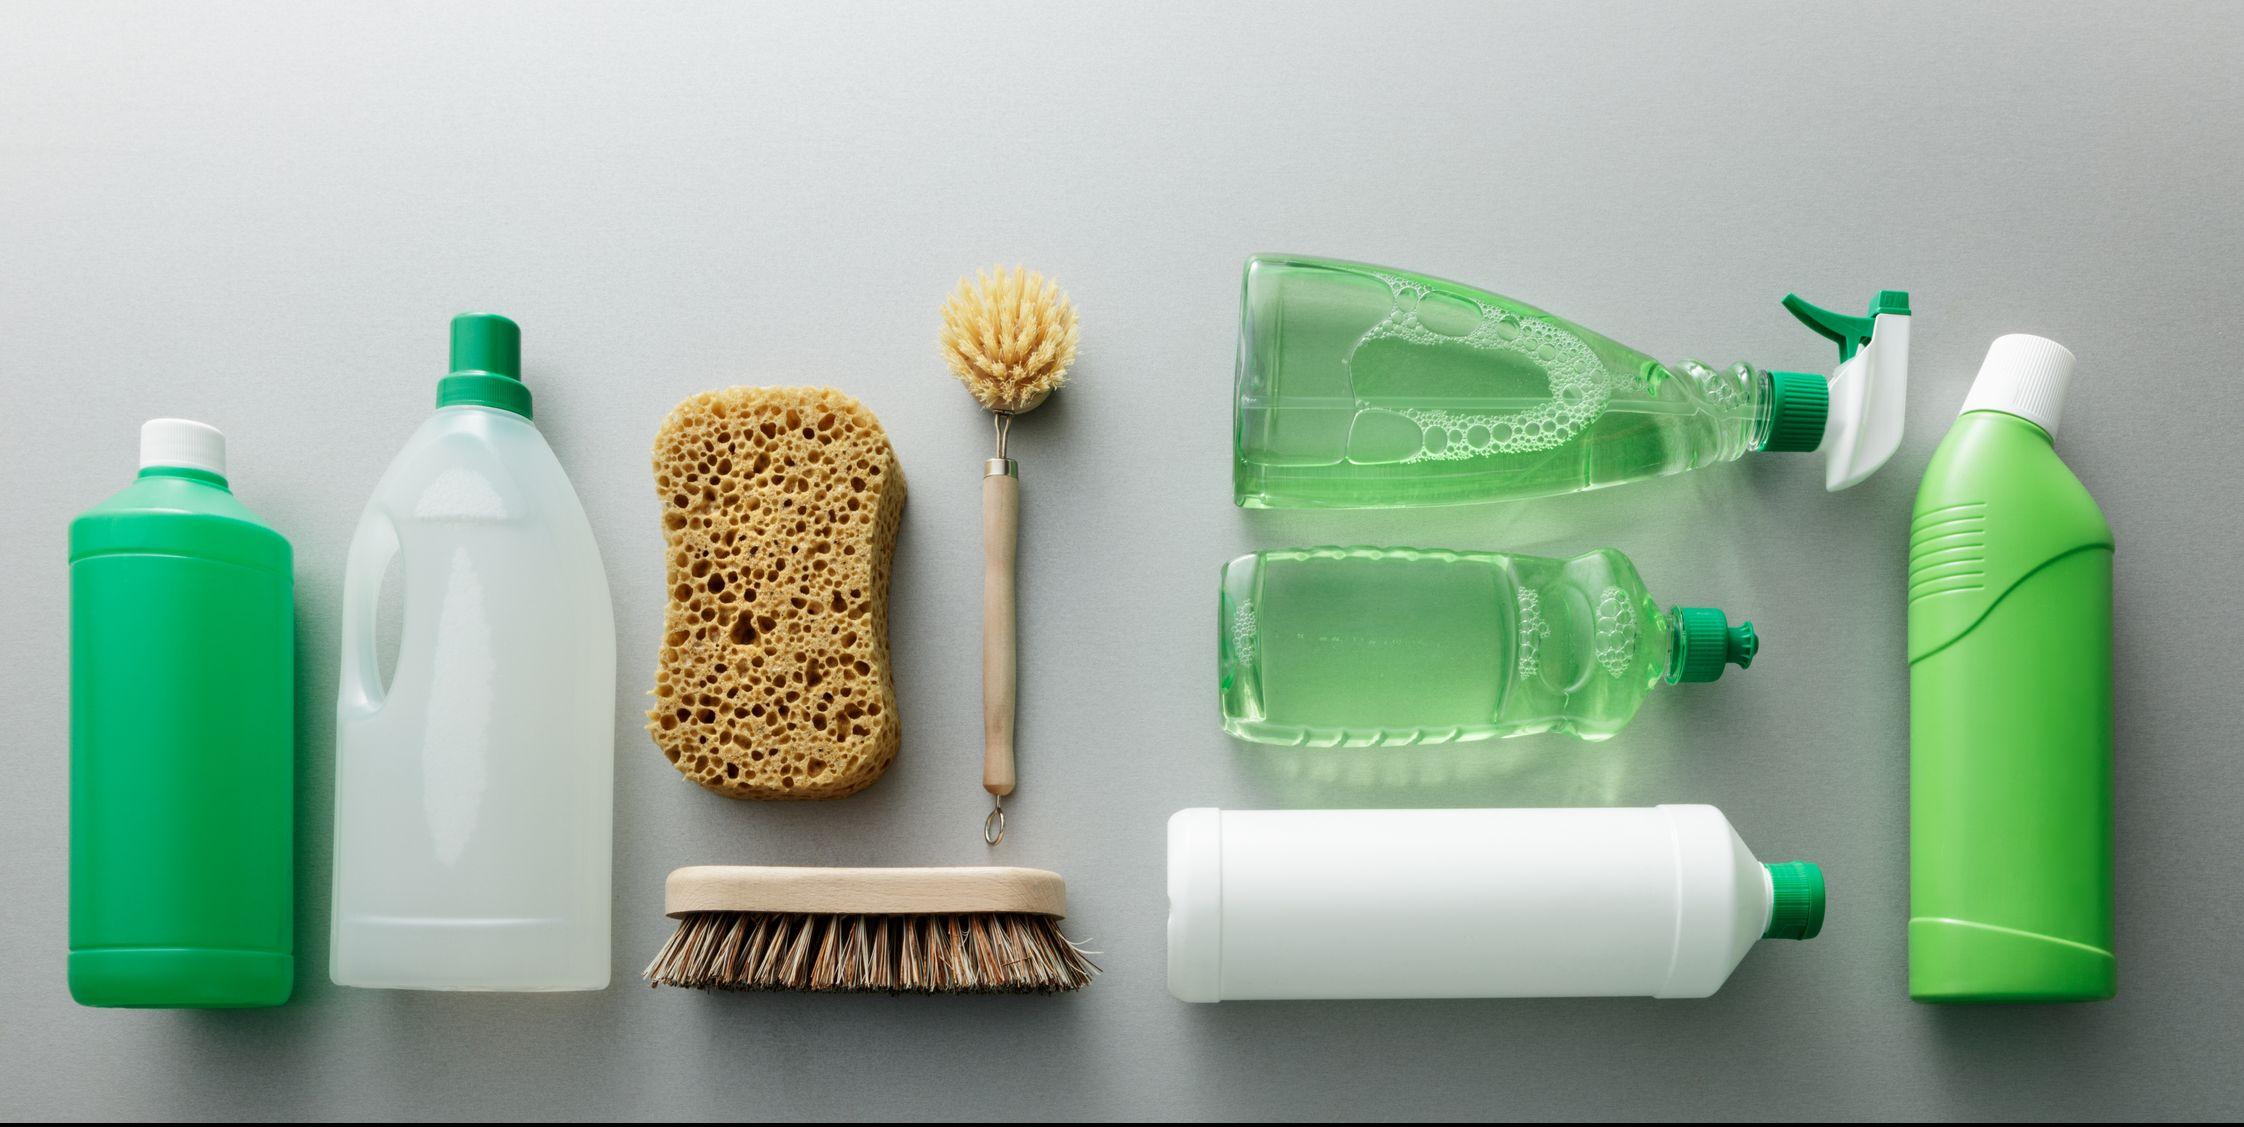 Zo maak je voor een prikkie je eigen milieuvriendelijke schoonmaakmiddelen